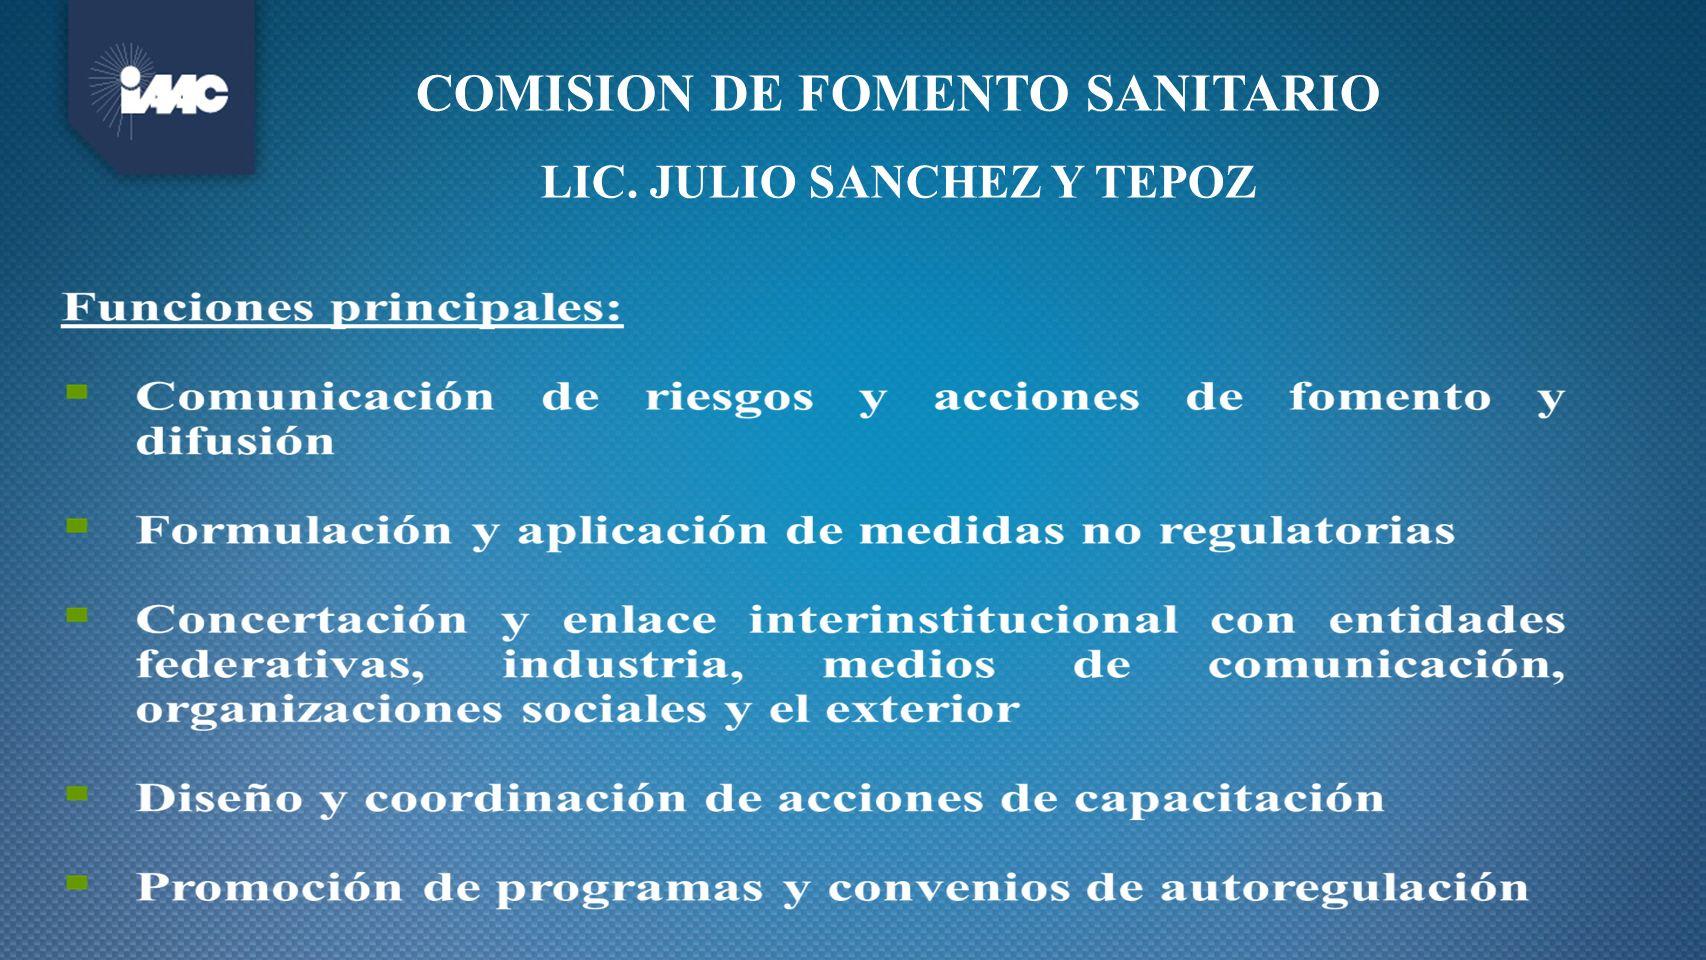 GUIA DE LLENADO REQUISITOS PARA DAR DE ALTA UNA EMPRESA FABRICANTE DE PRODUCTOS EN AEROSOL TALES COMO ALIMENTOS, PRODUCTOS DE TOCADOR, ASEO Y LIMPIEZA.